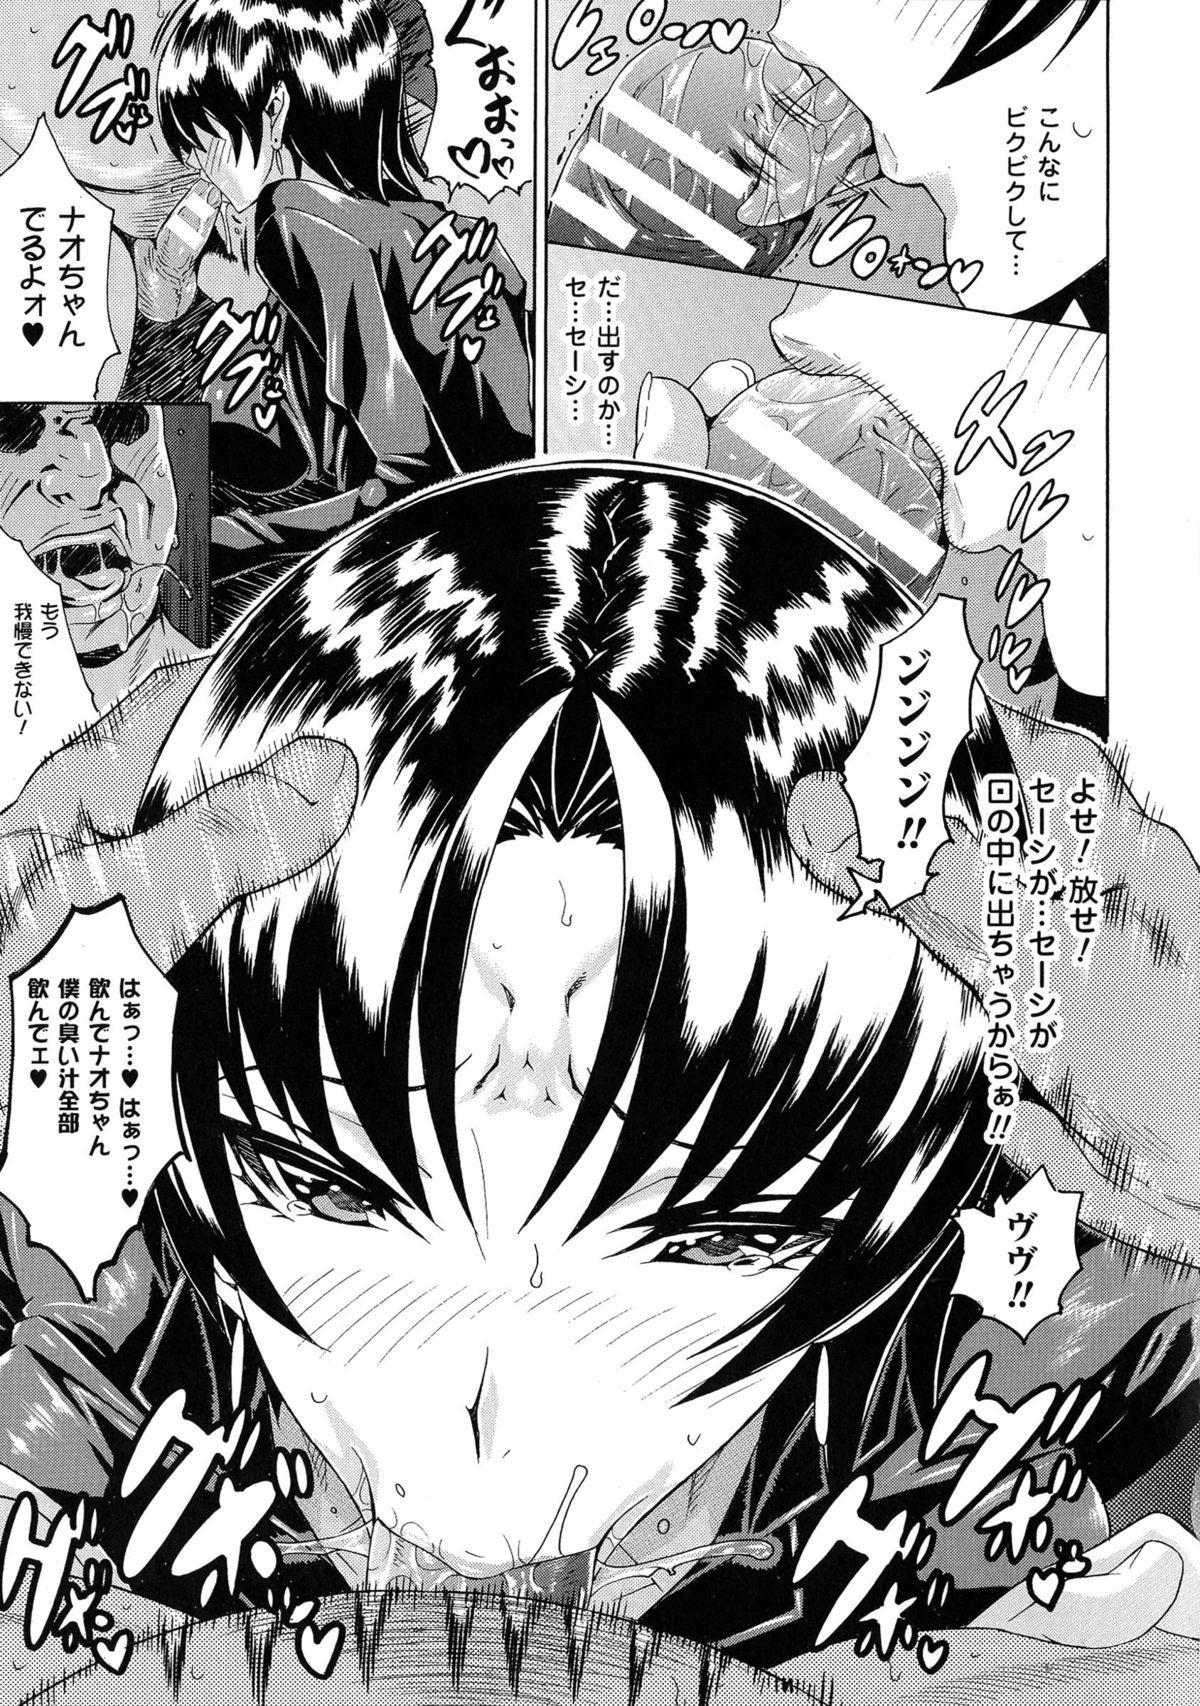 Kachiki na Onna ga Buzama na Ahegao o Sarasu made 108